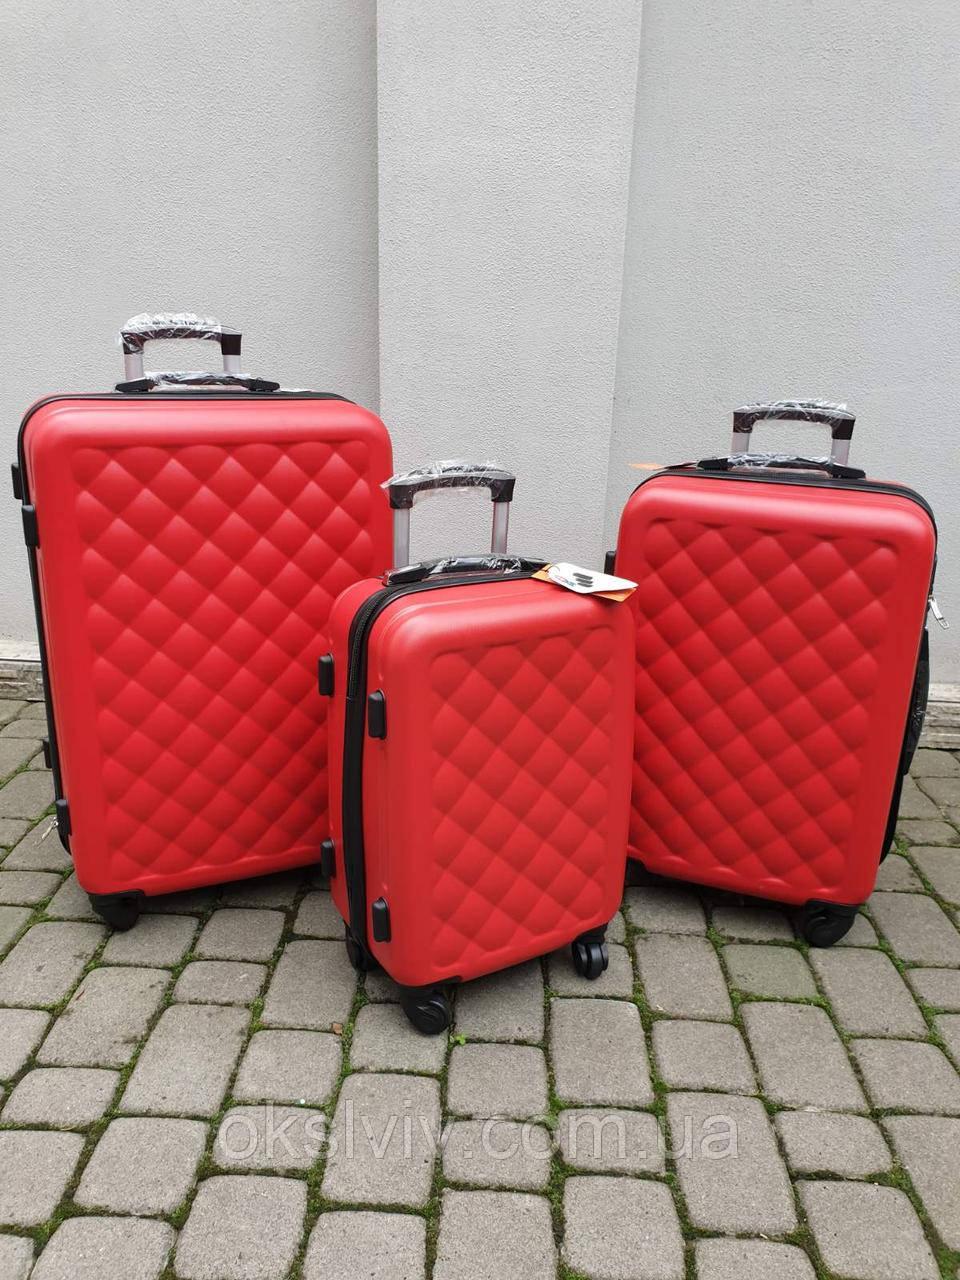 HaChi Словакія 100% полікарбонат валізи чемодани сумки на колесах